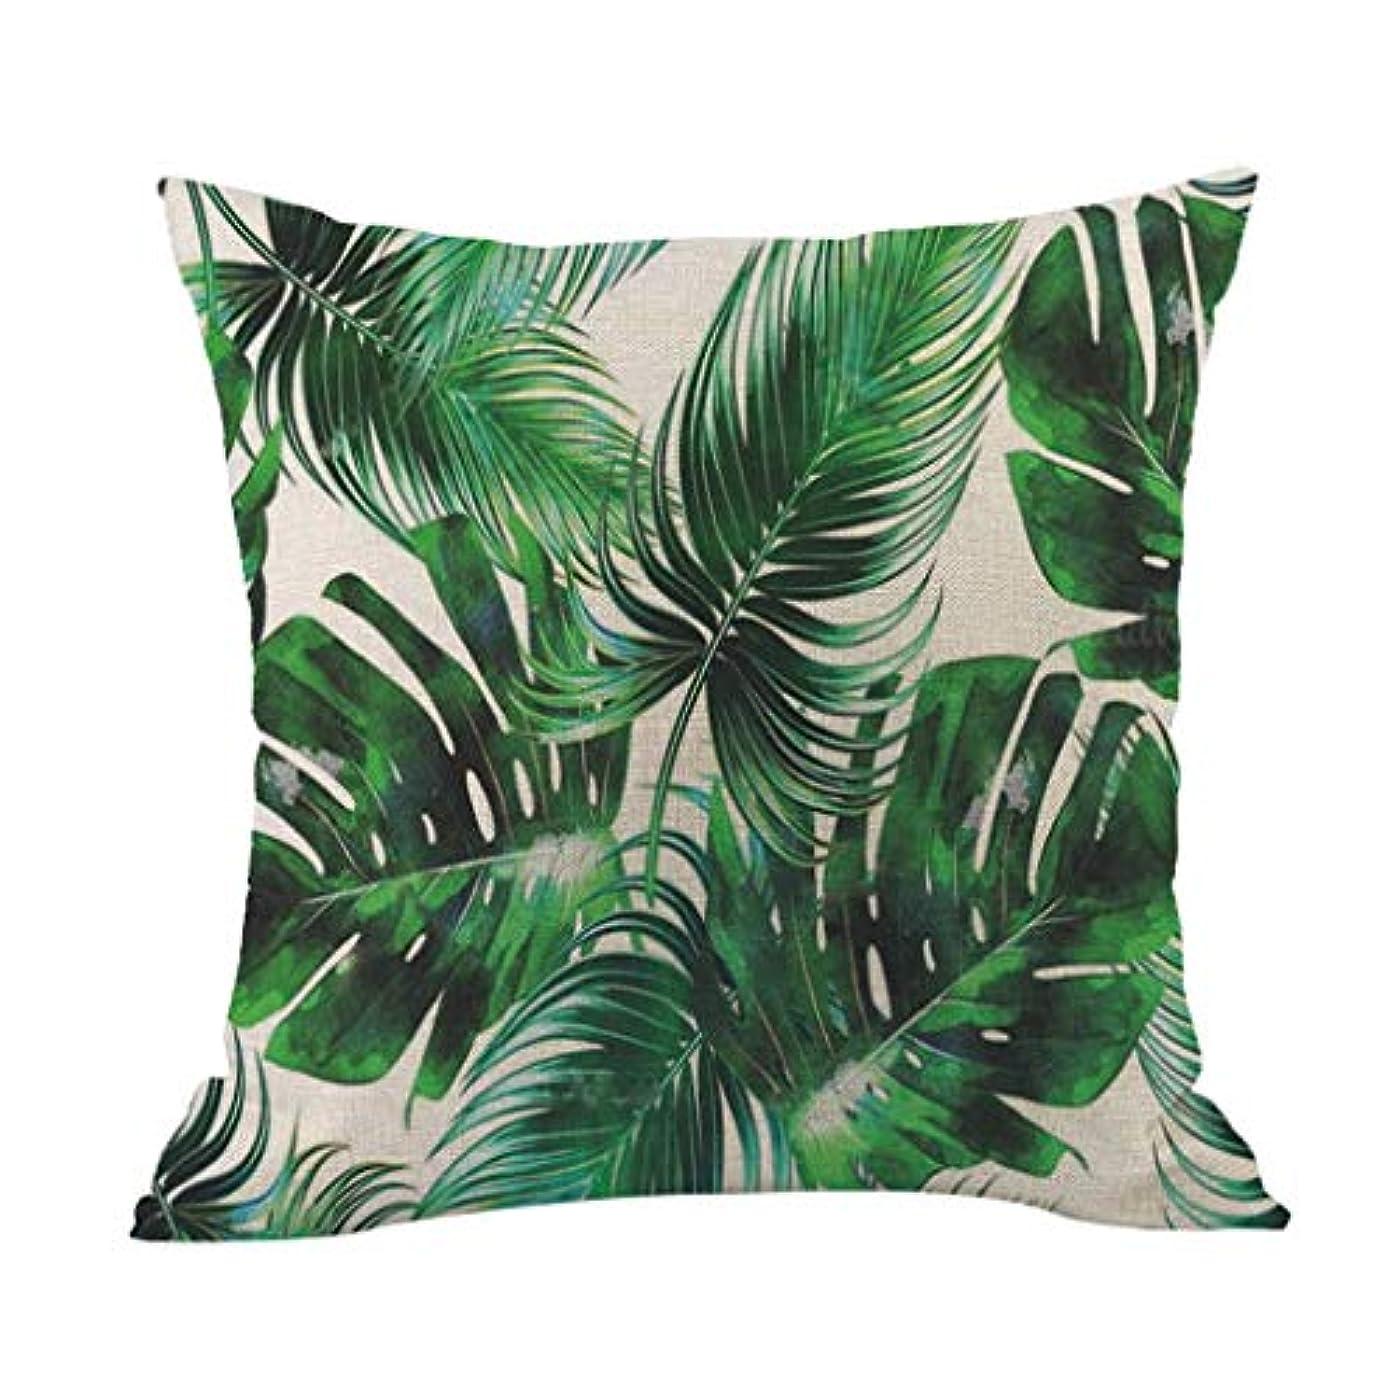 グローブ大西洋乱暴なLIFE 高品質クッション熱帯植物ポリエステル枕ソファ投げるパッドセットホーム人格クッション coussin decoratif クッション 椅子